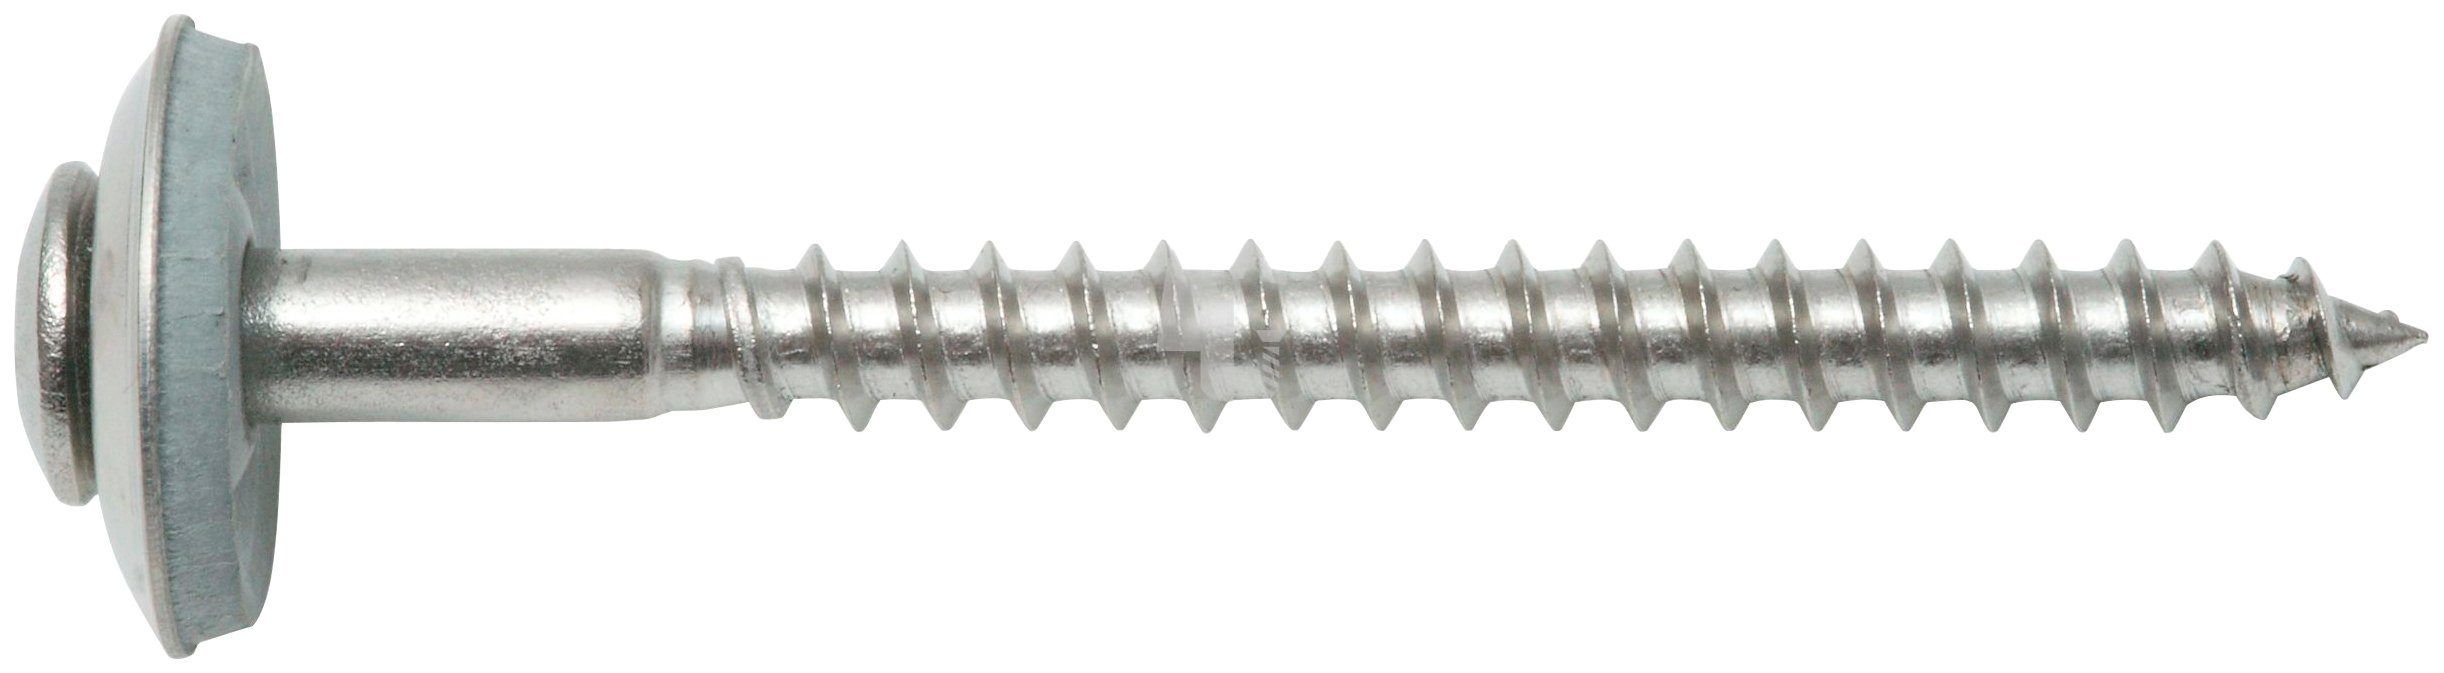 RAMSES Schrauben , Spenglerschraube 4,5 x 55 mm 100 Stk.